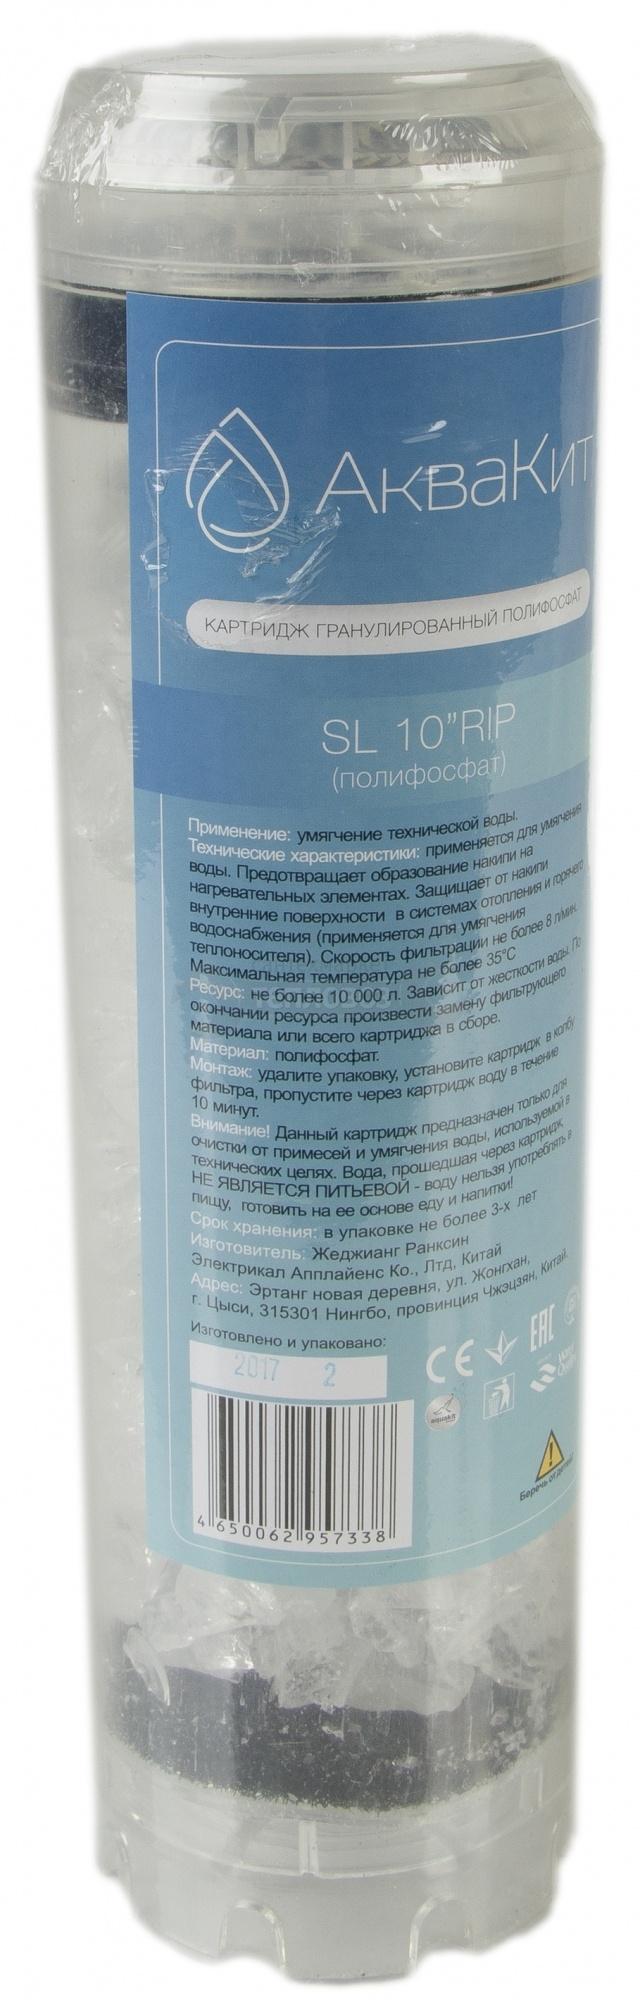 Aquakit SL 10'' RIР